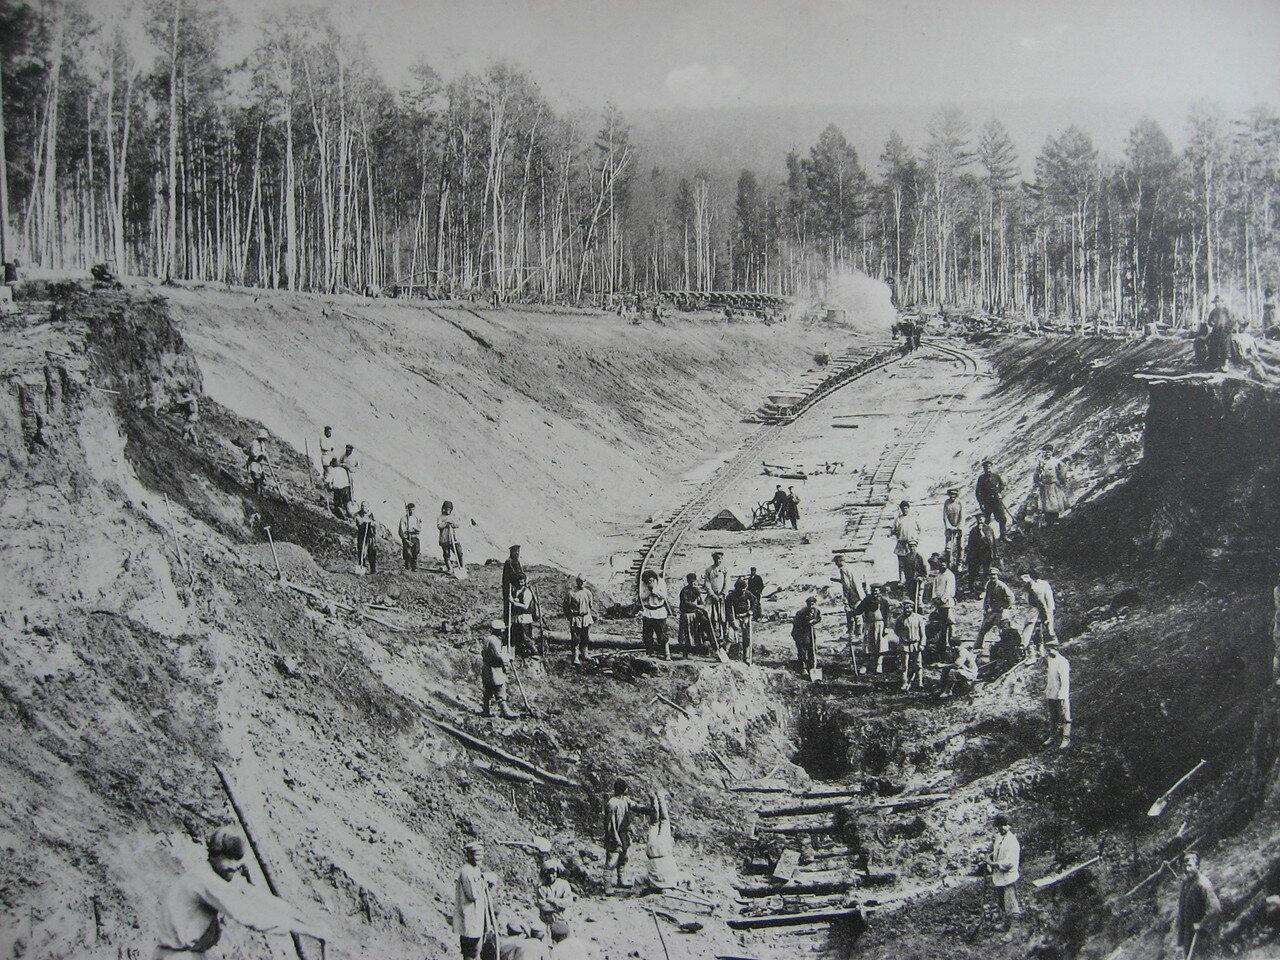 36. 2552 верста. Земляные работы на выемке. Строительный период 1908